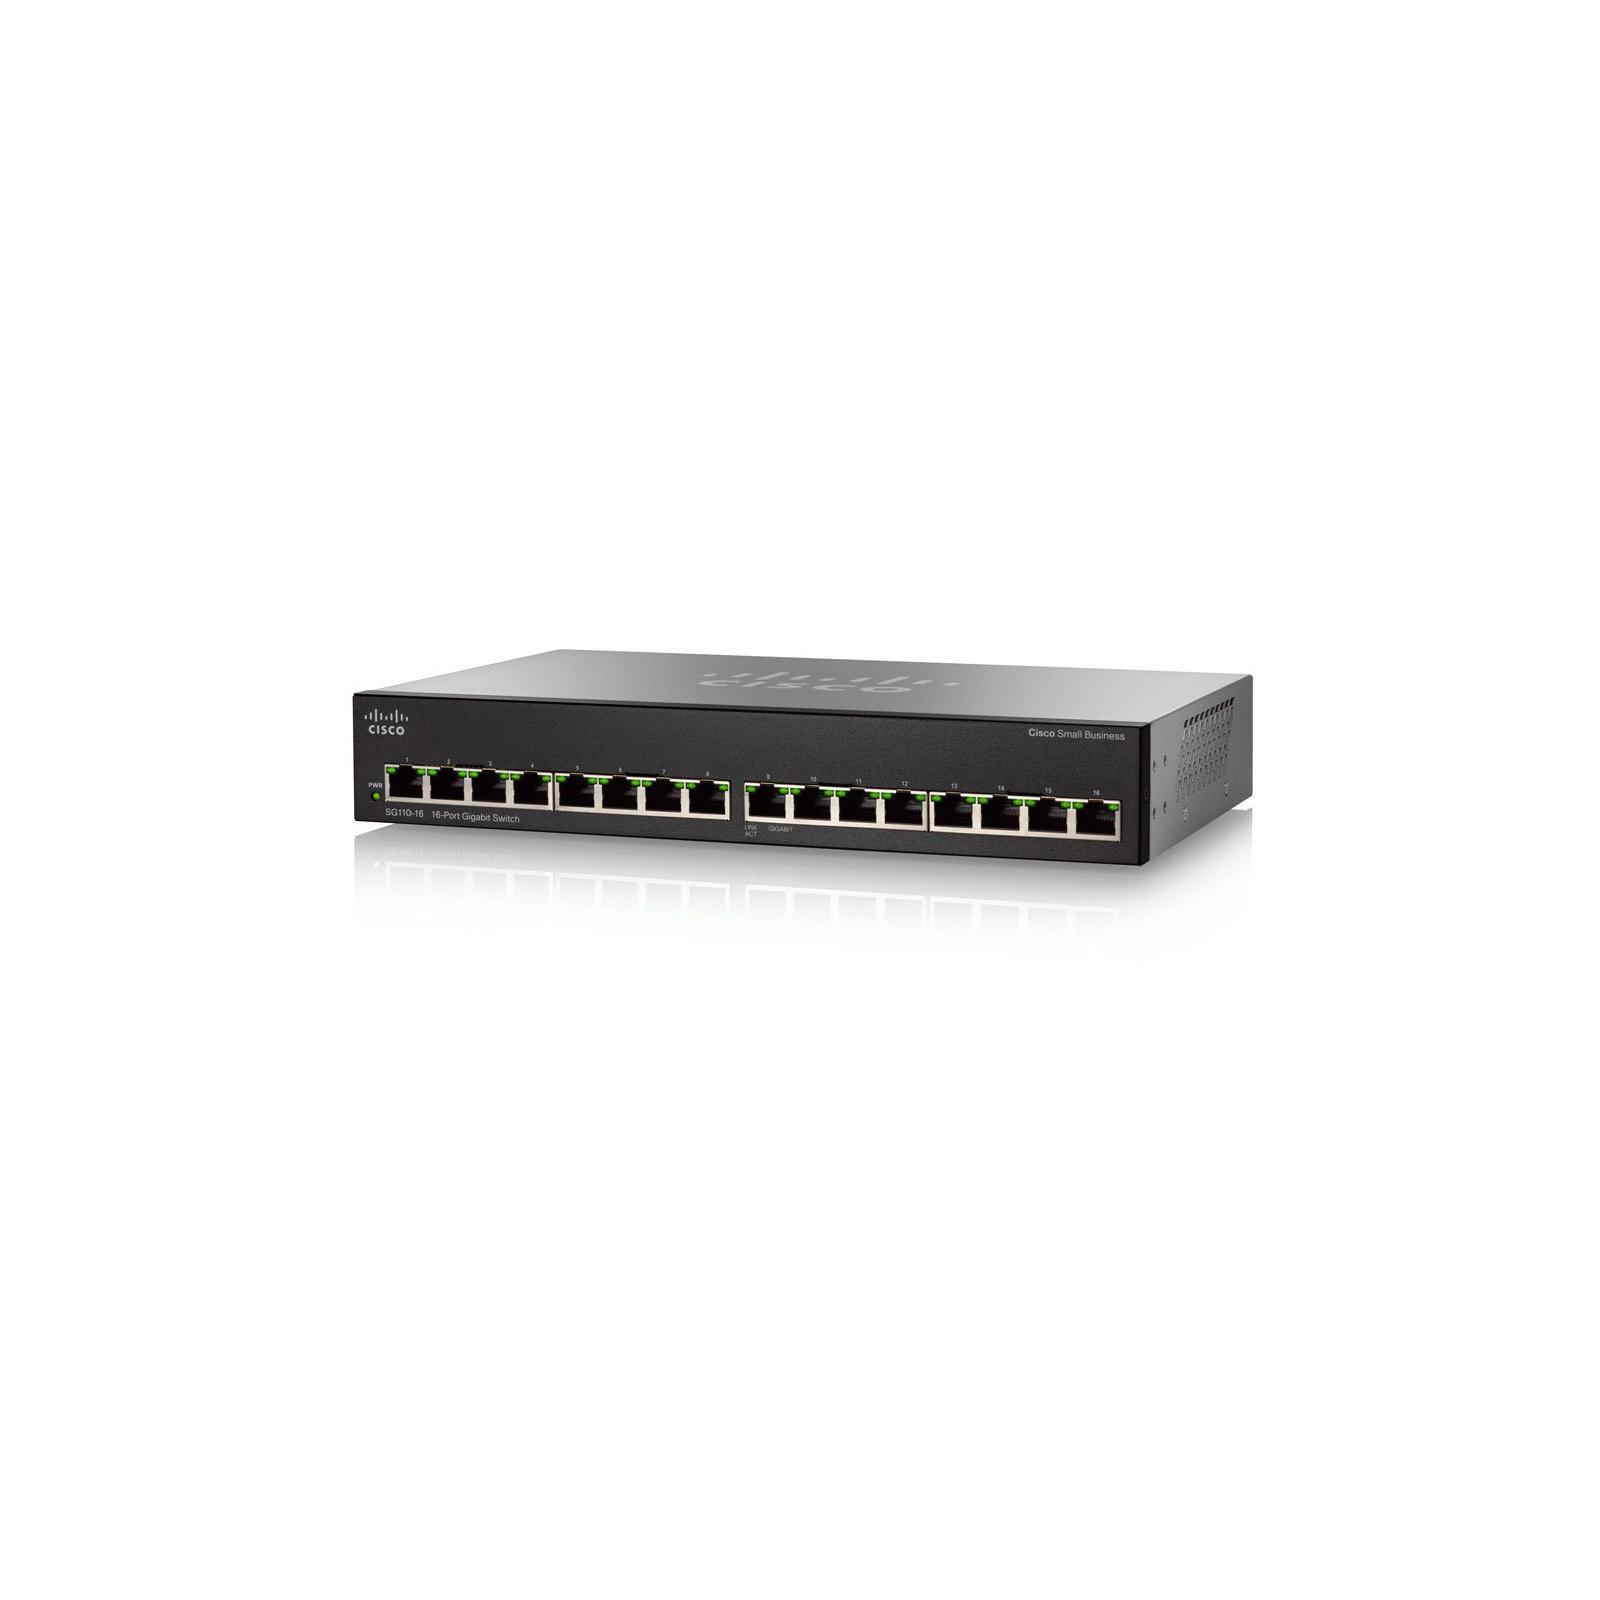 Коммутатор сетевой Cisco SG110-16-EU изображение 3